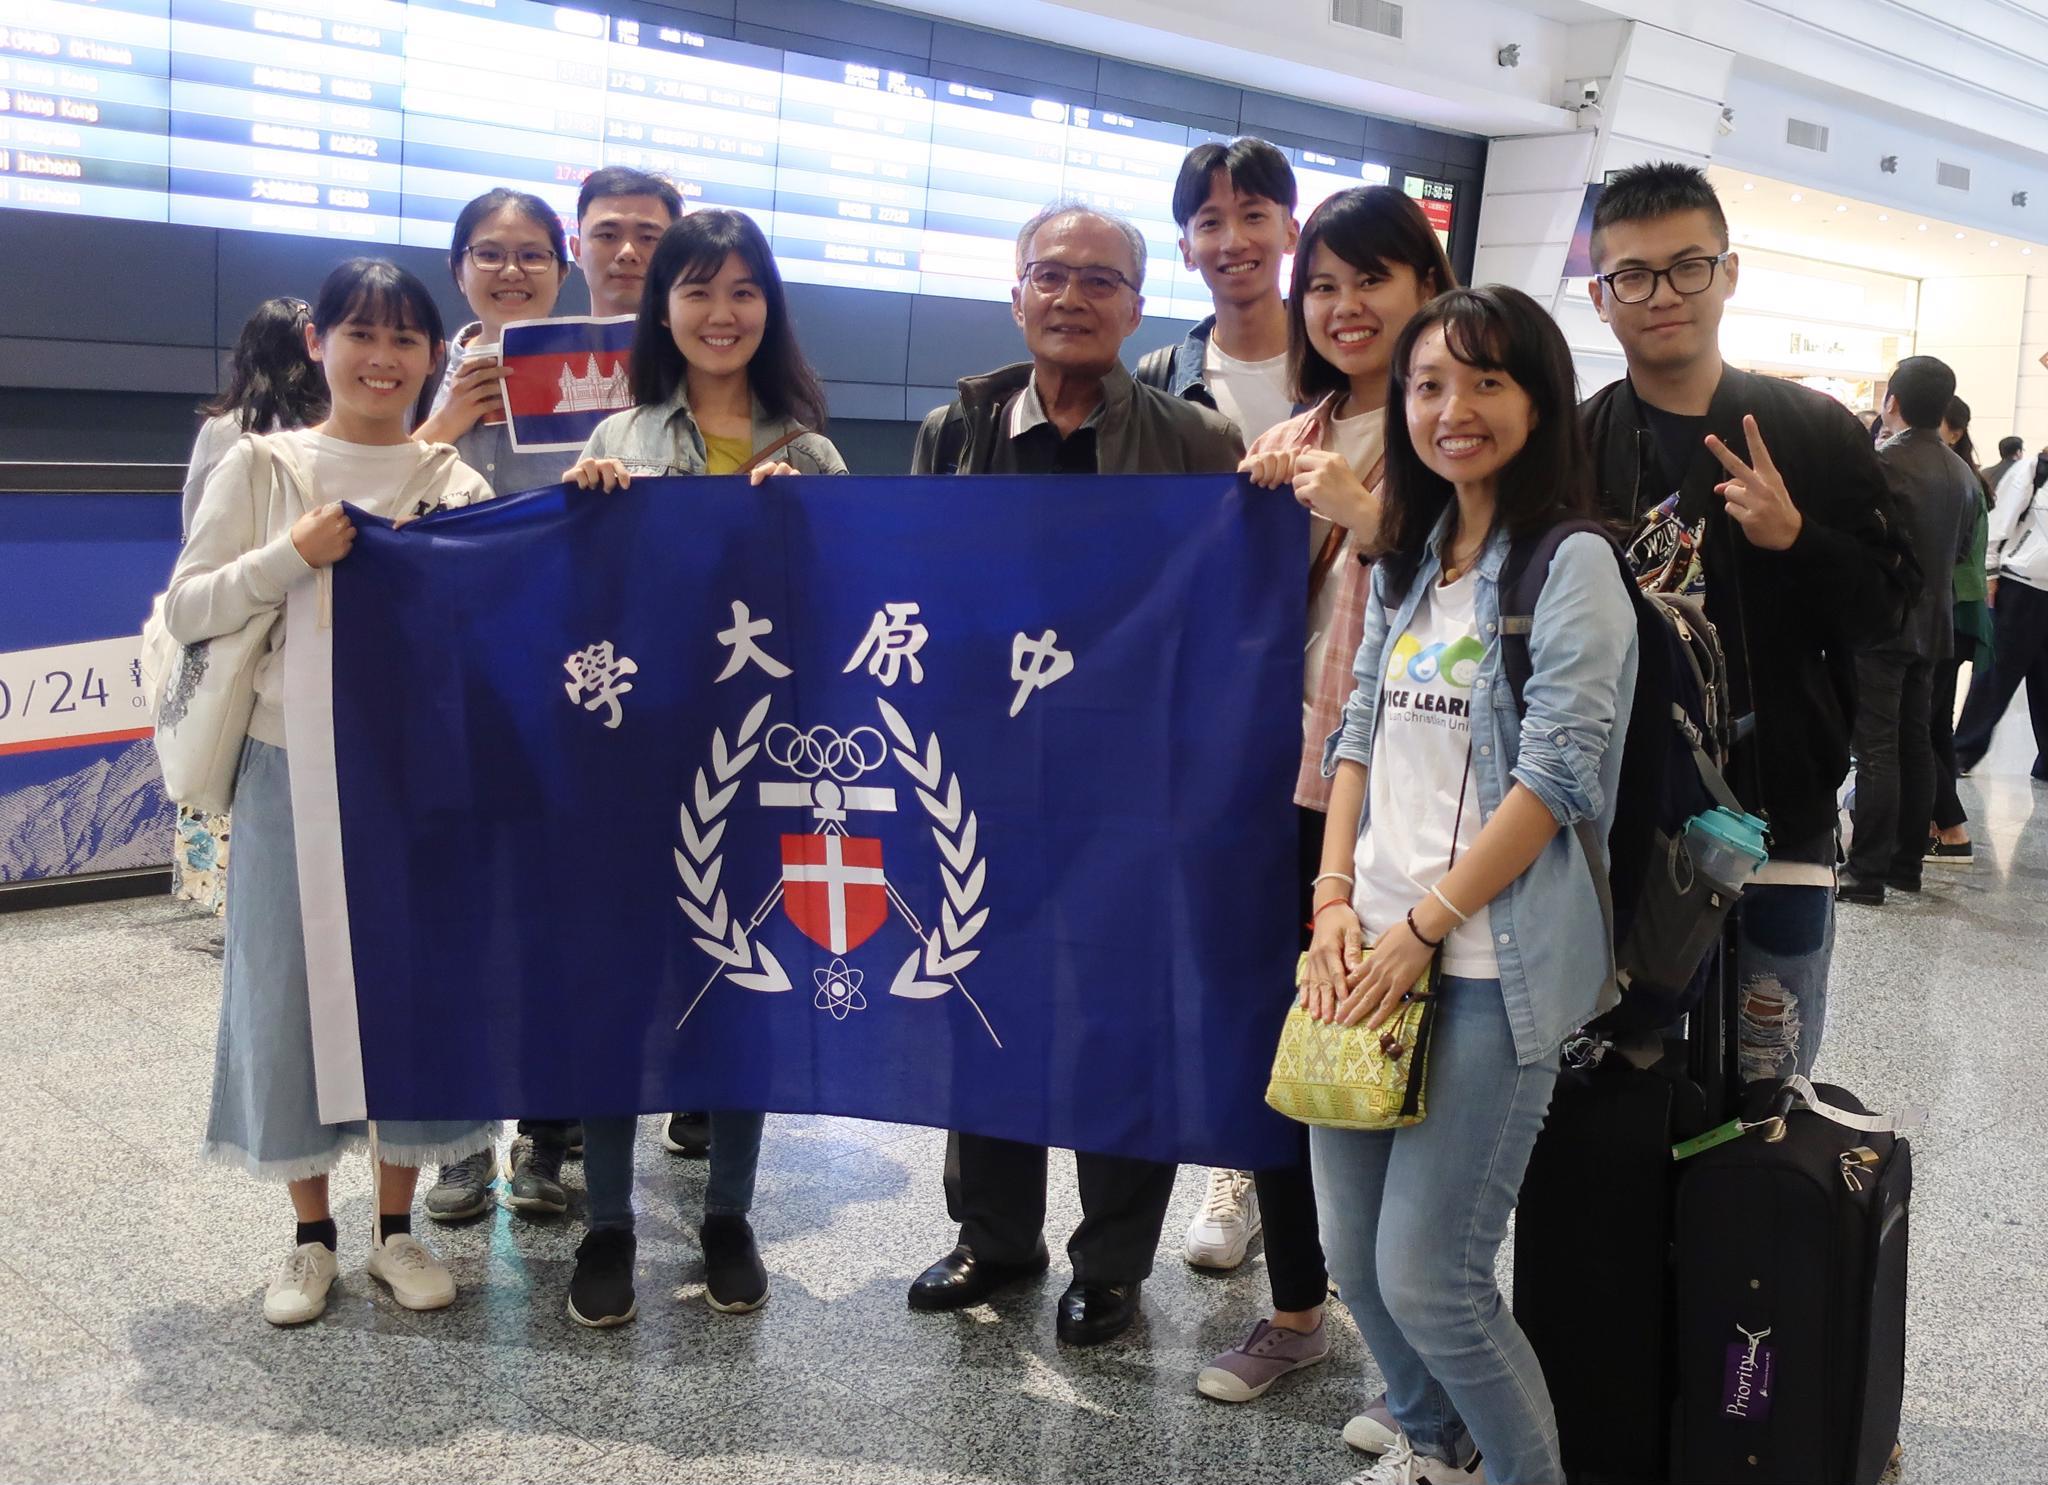 柬埔寨發展組織(KAKO)來訪中原 見證十年海外服務學習情誼